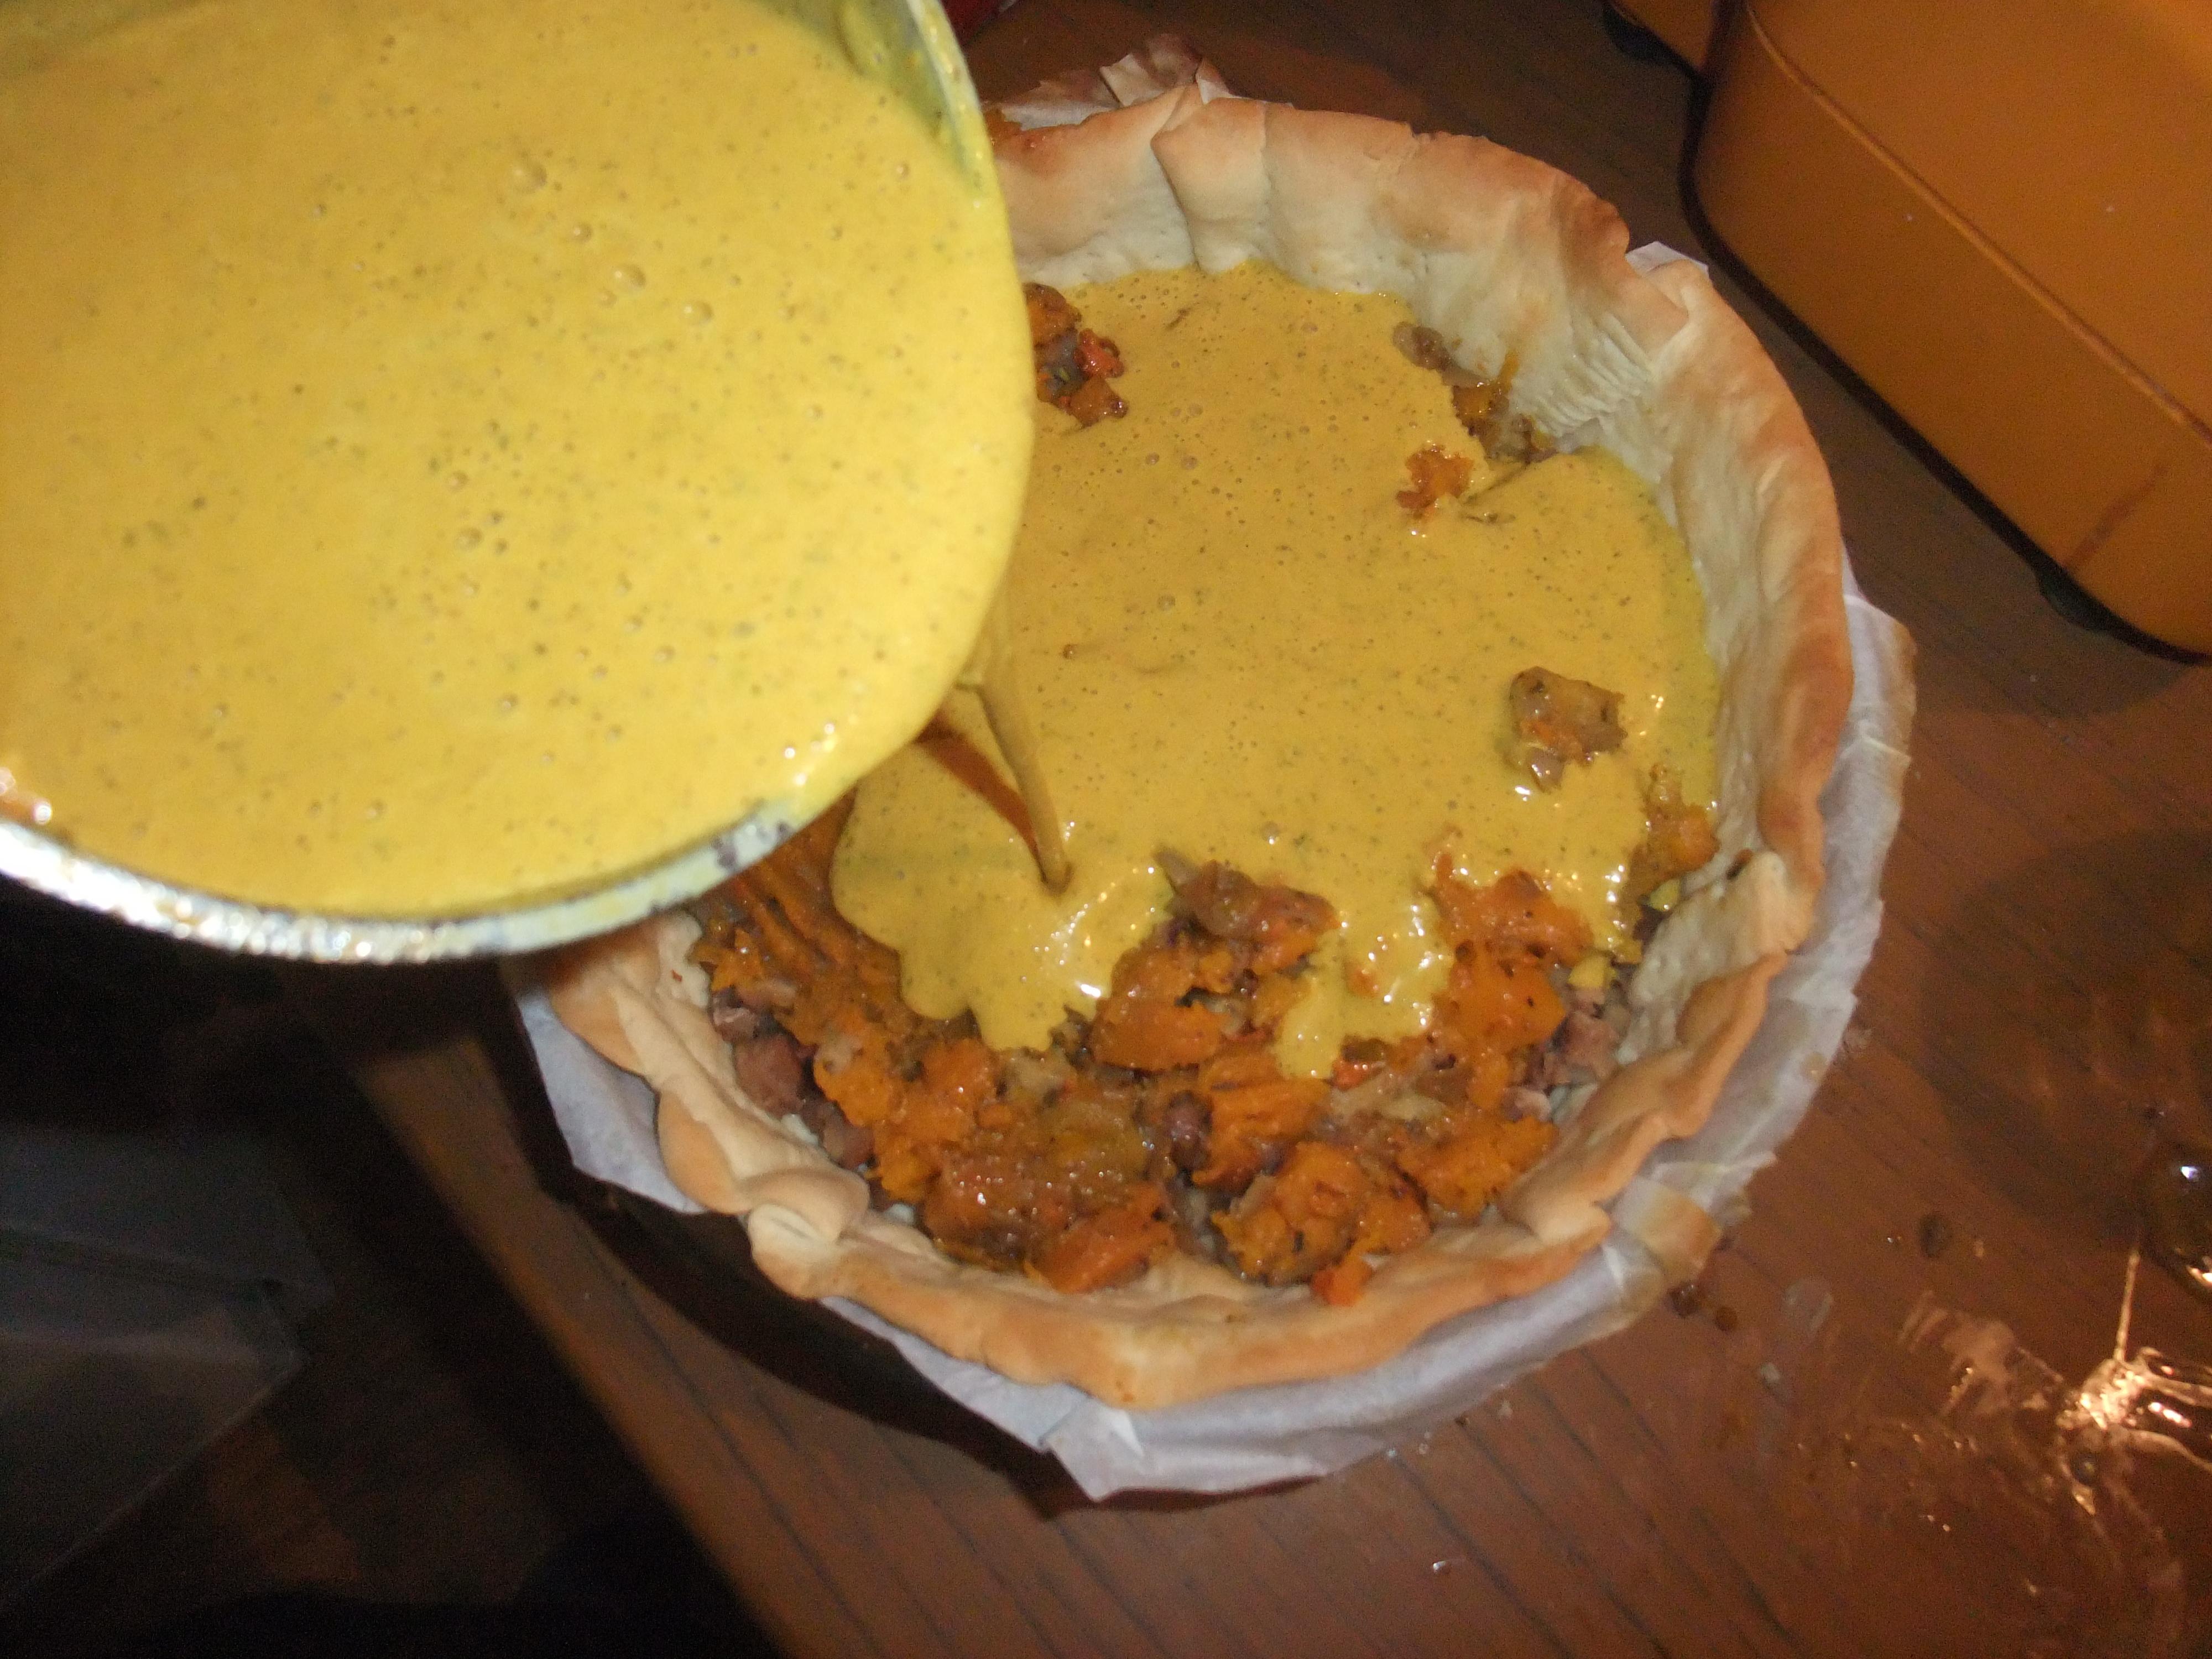 préparation versée dans la tarte au potimarron